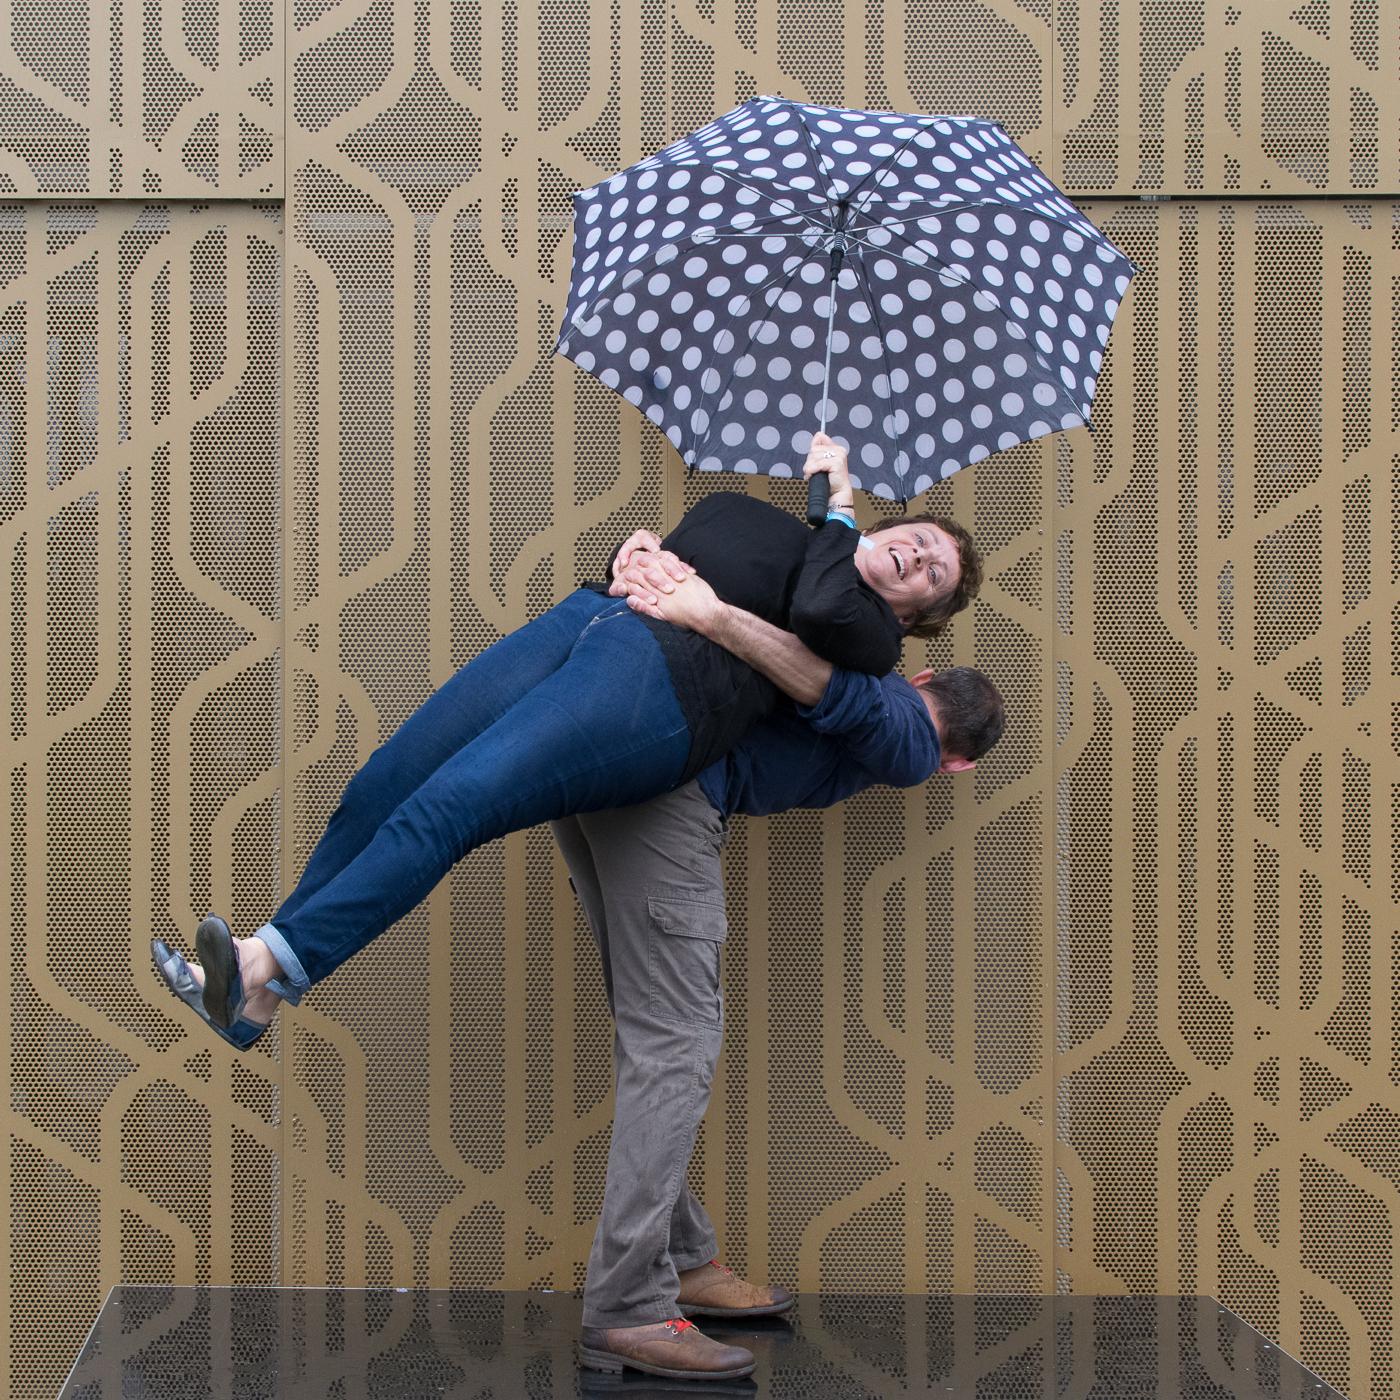 Parapluies_2016_-_Après_la_pluie